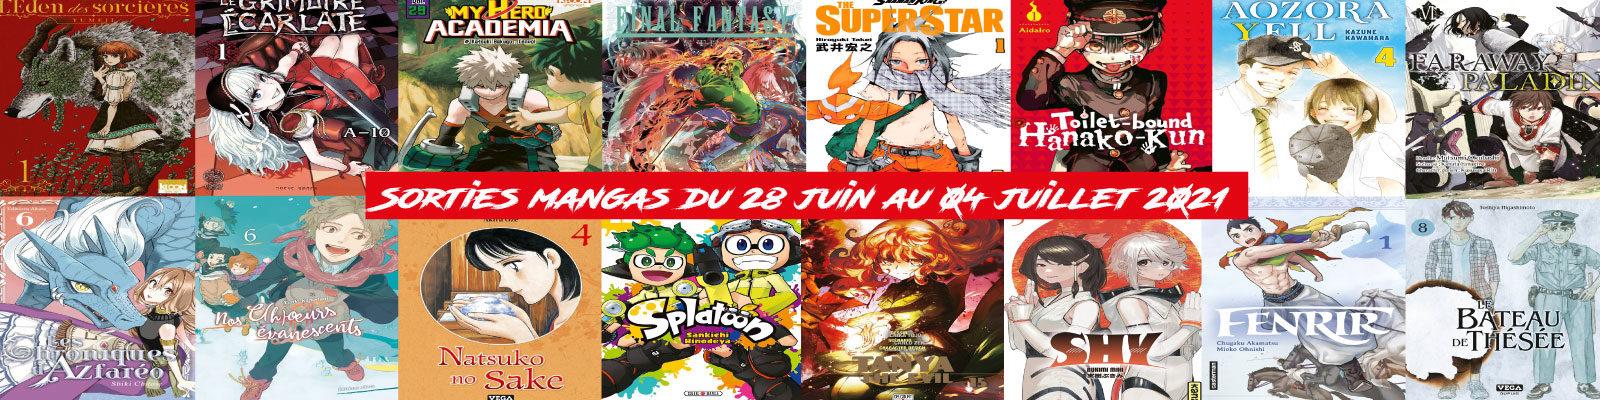 sorties mangas-2804